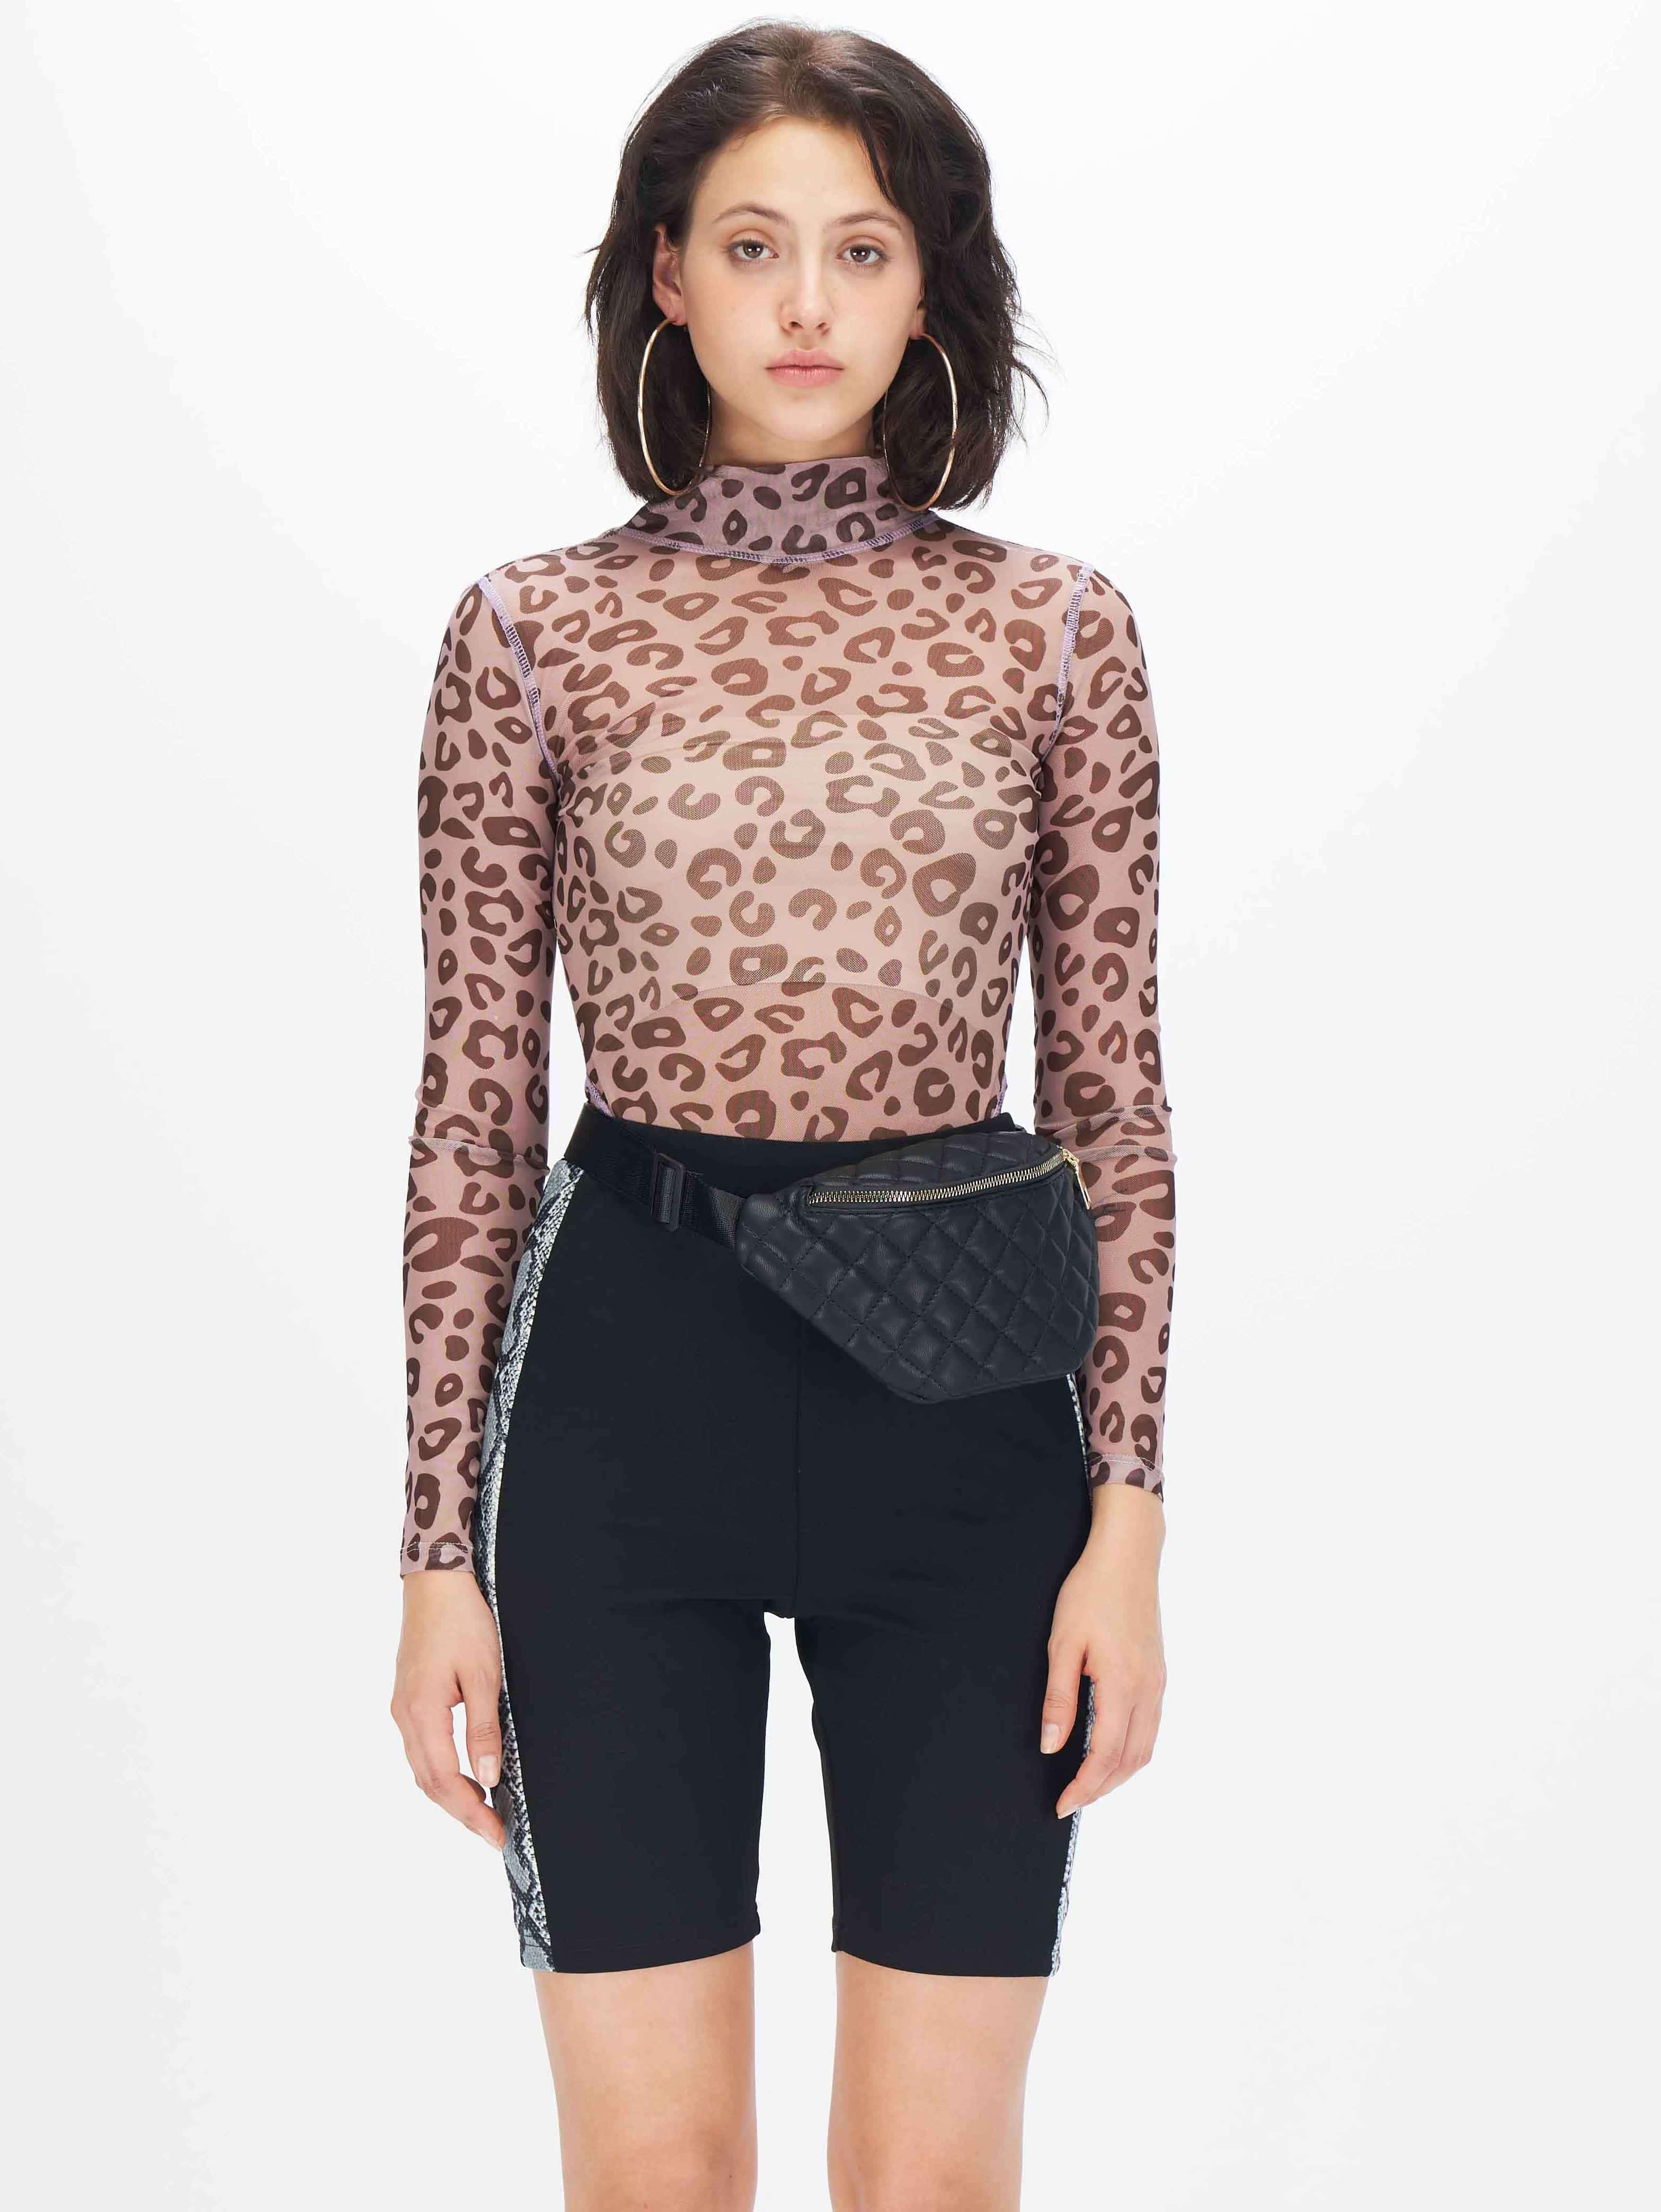 Прозрачное сетчатое боди с леопардовым принтом без комплекта нижнего белья